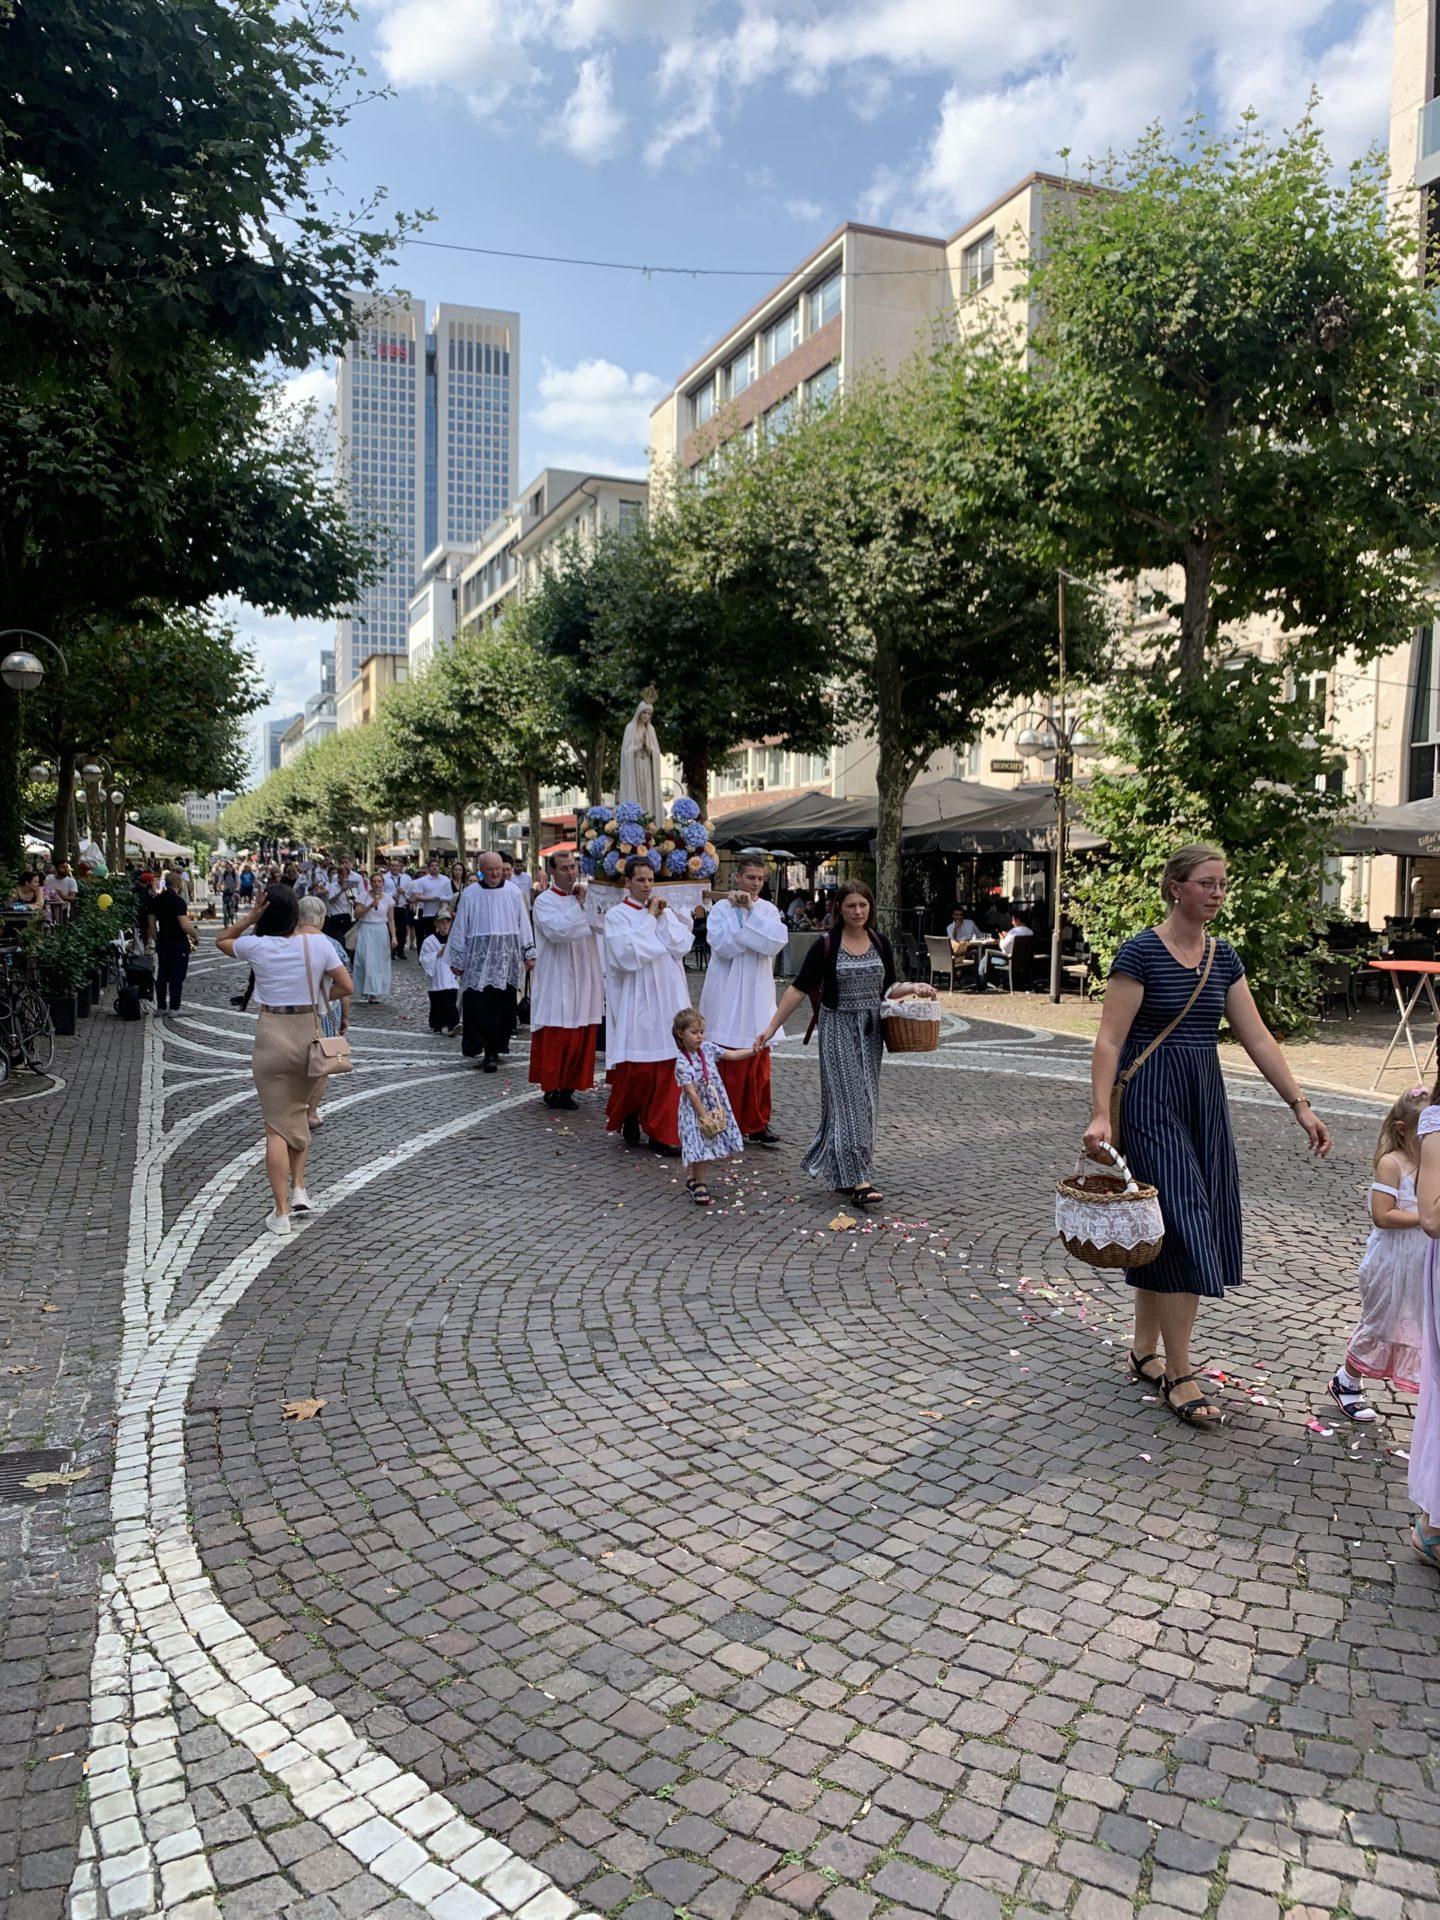 Gläubige bei Prozession